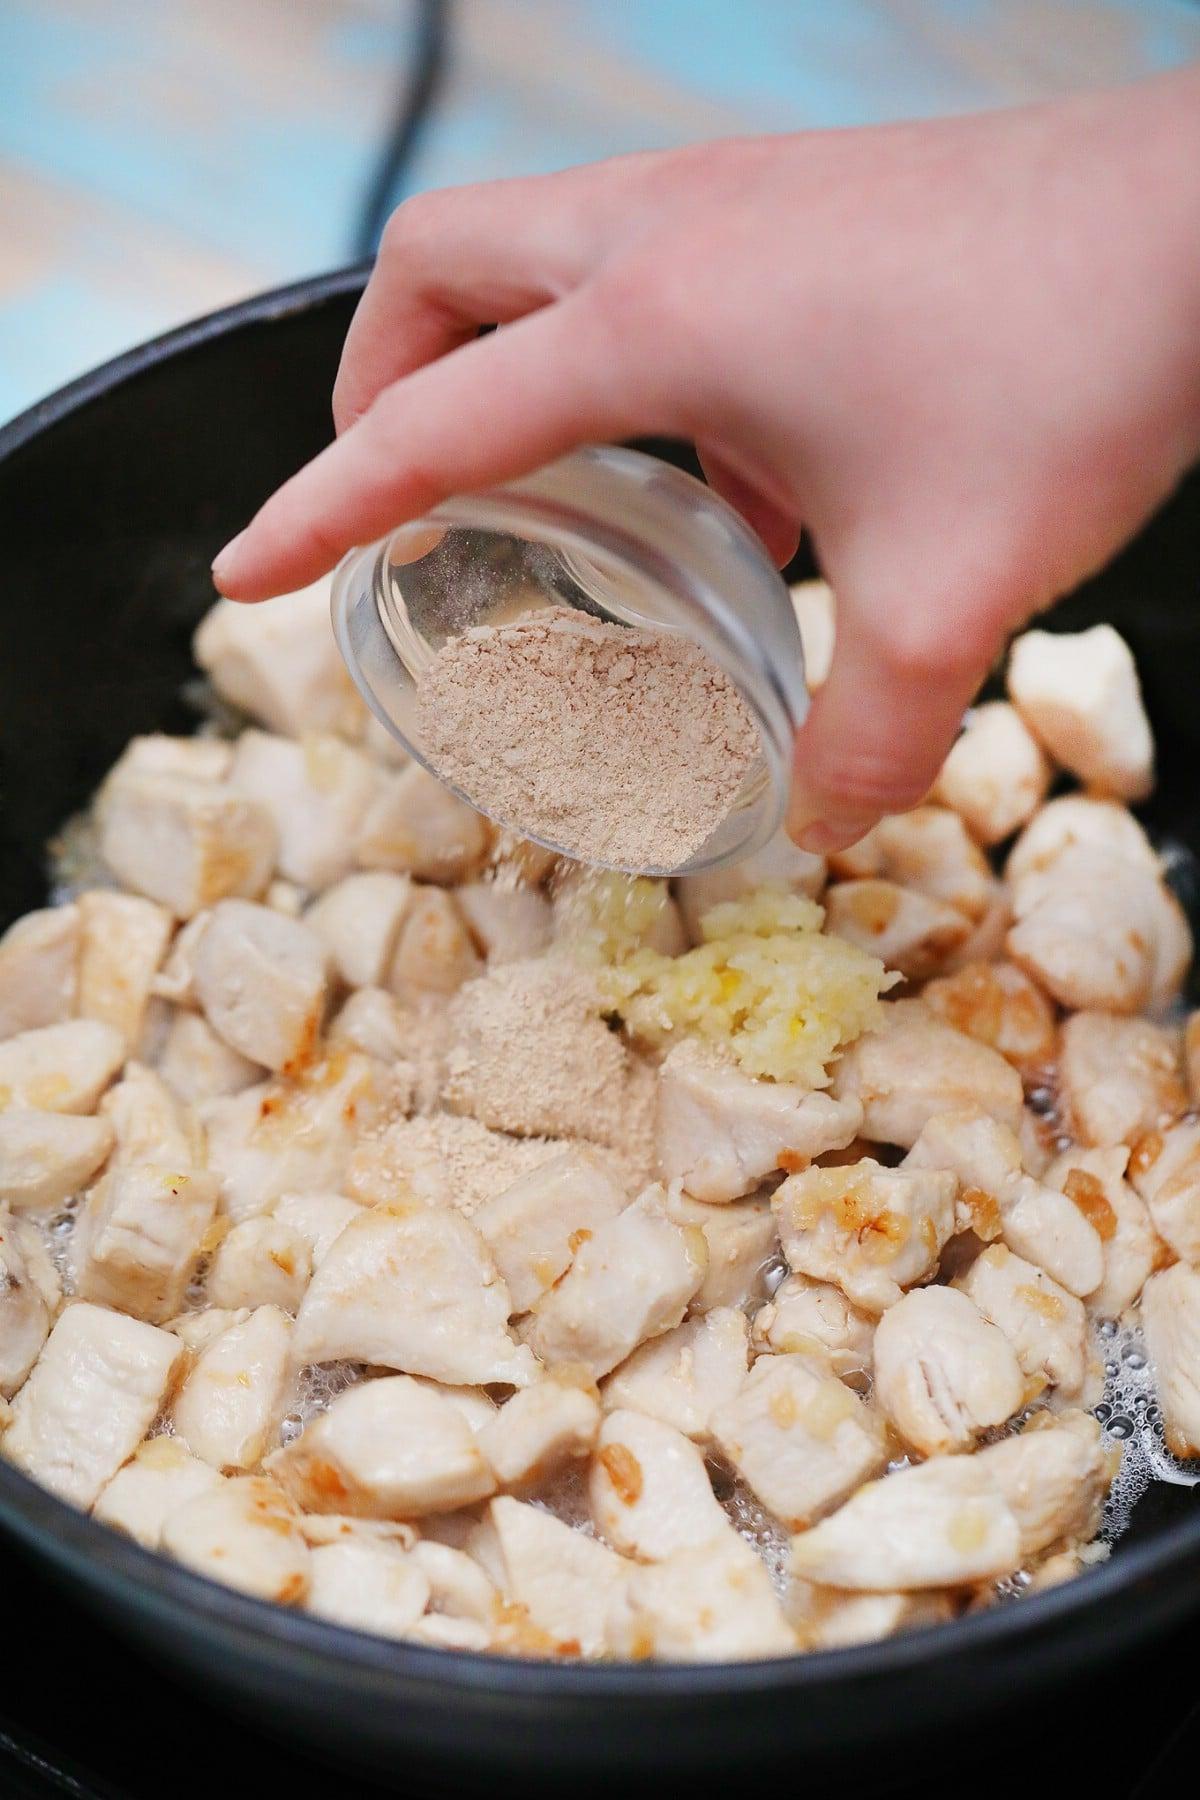 Adding spices to chicken